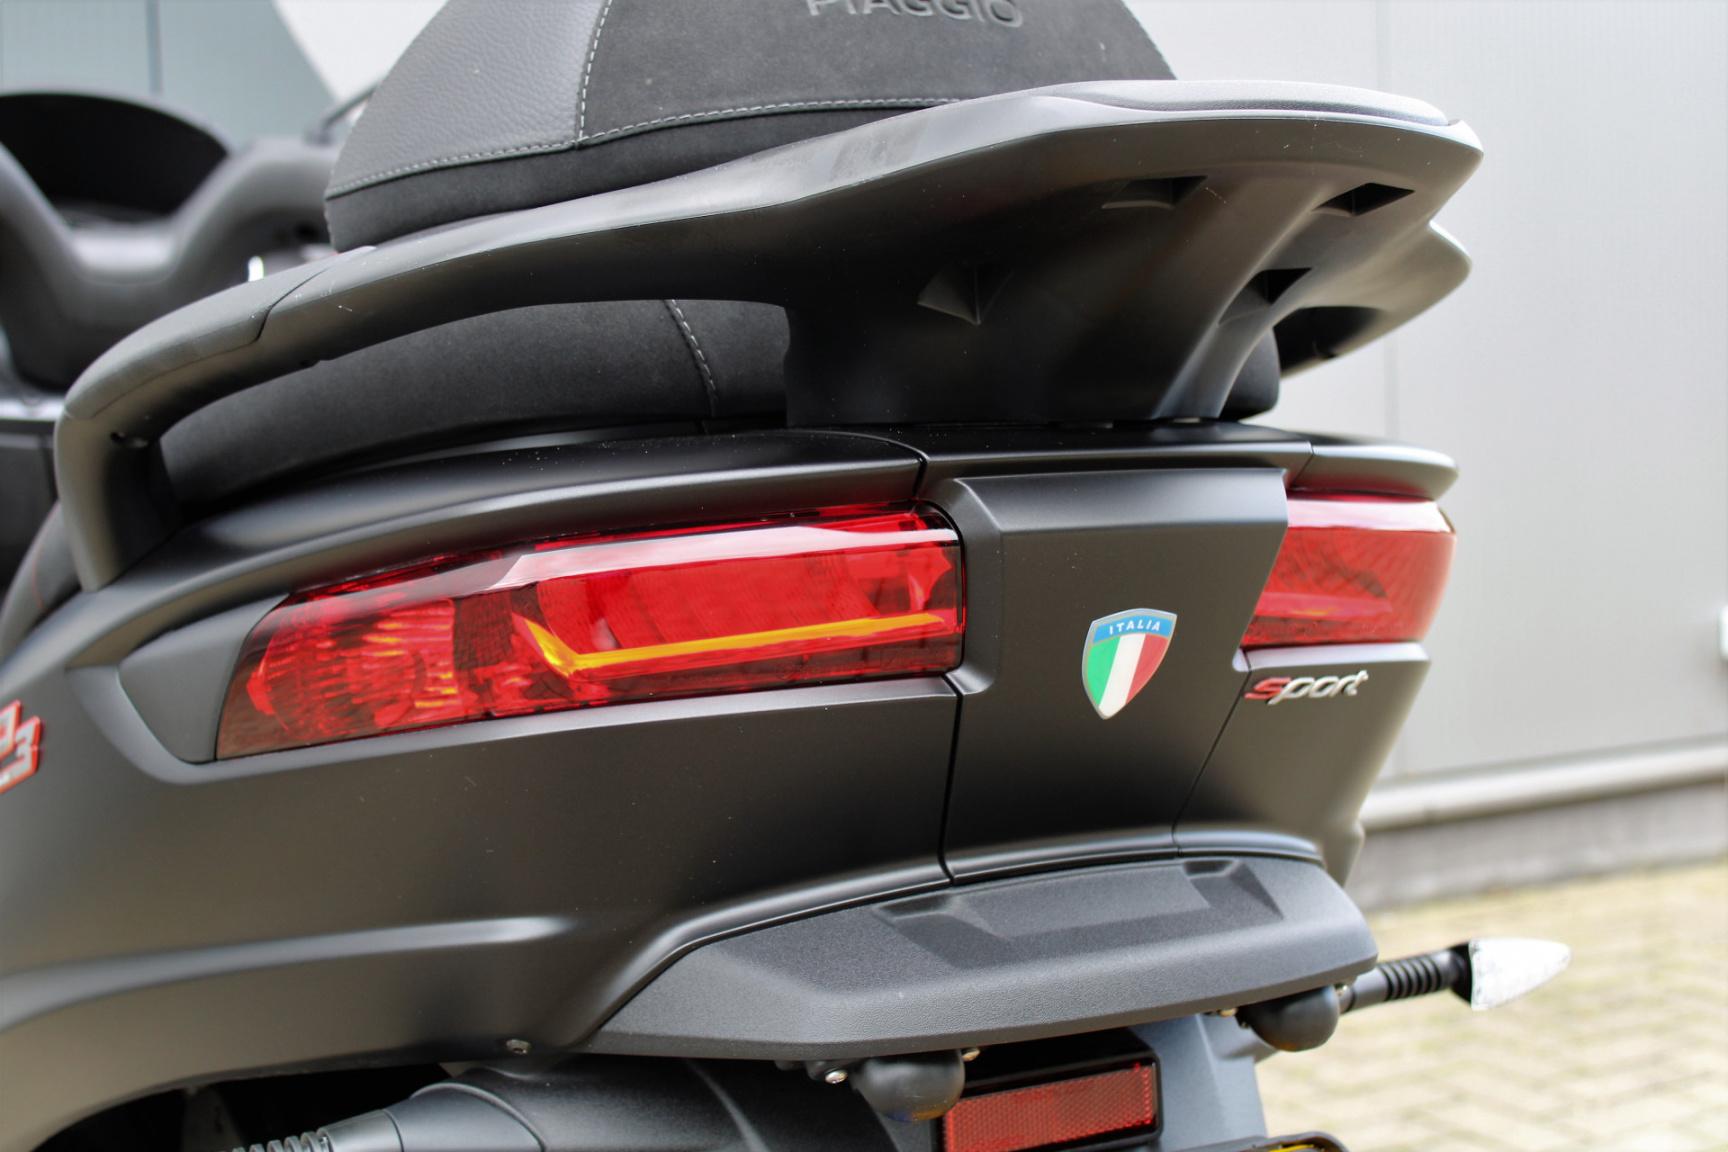 Piaggio-500 MP3 HPE Sport 4678KM Bouwjaar 2020-20